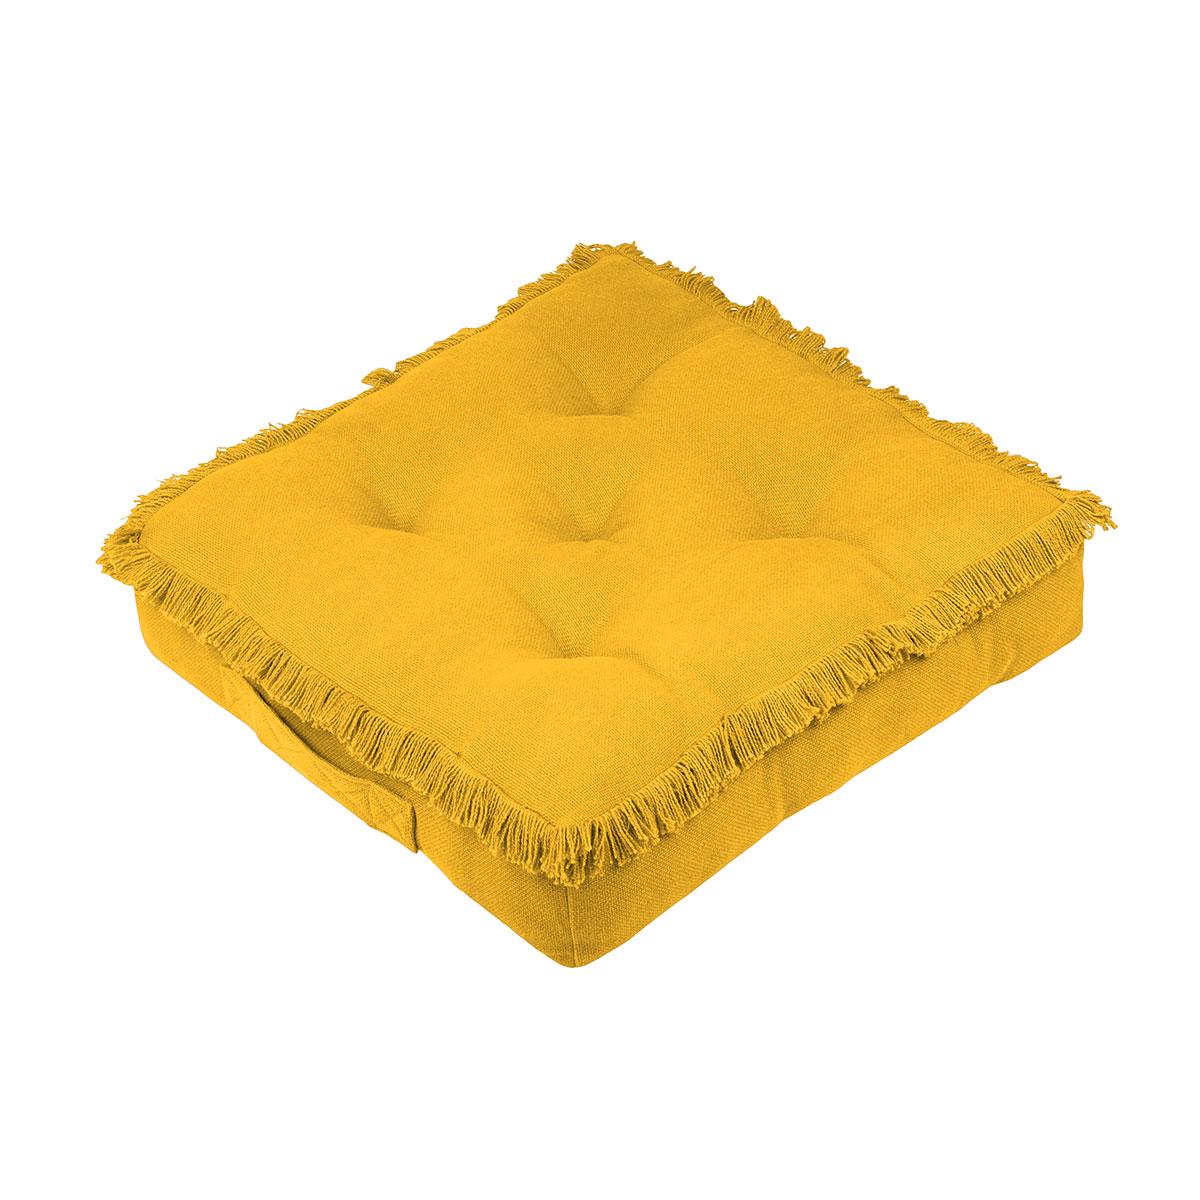 Coussin de sol frangé moutarde coton moutarde 45x45